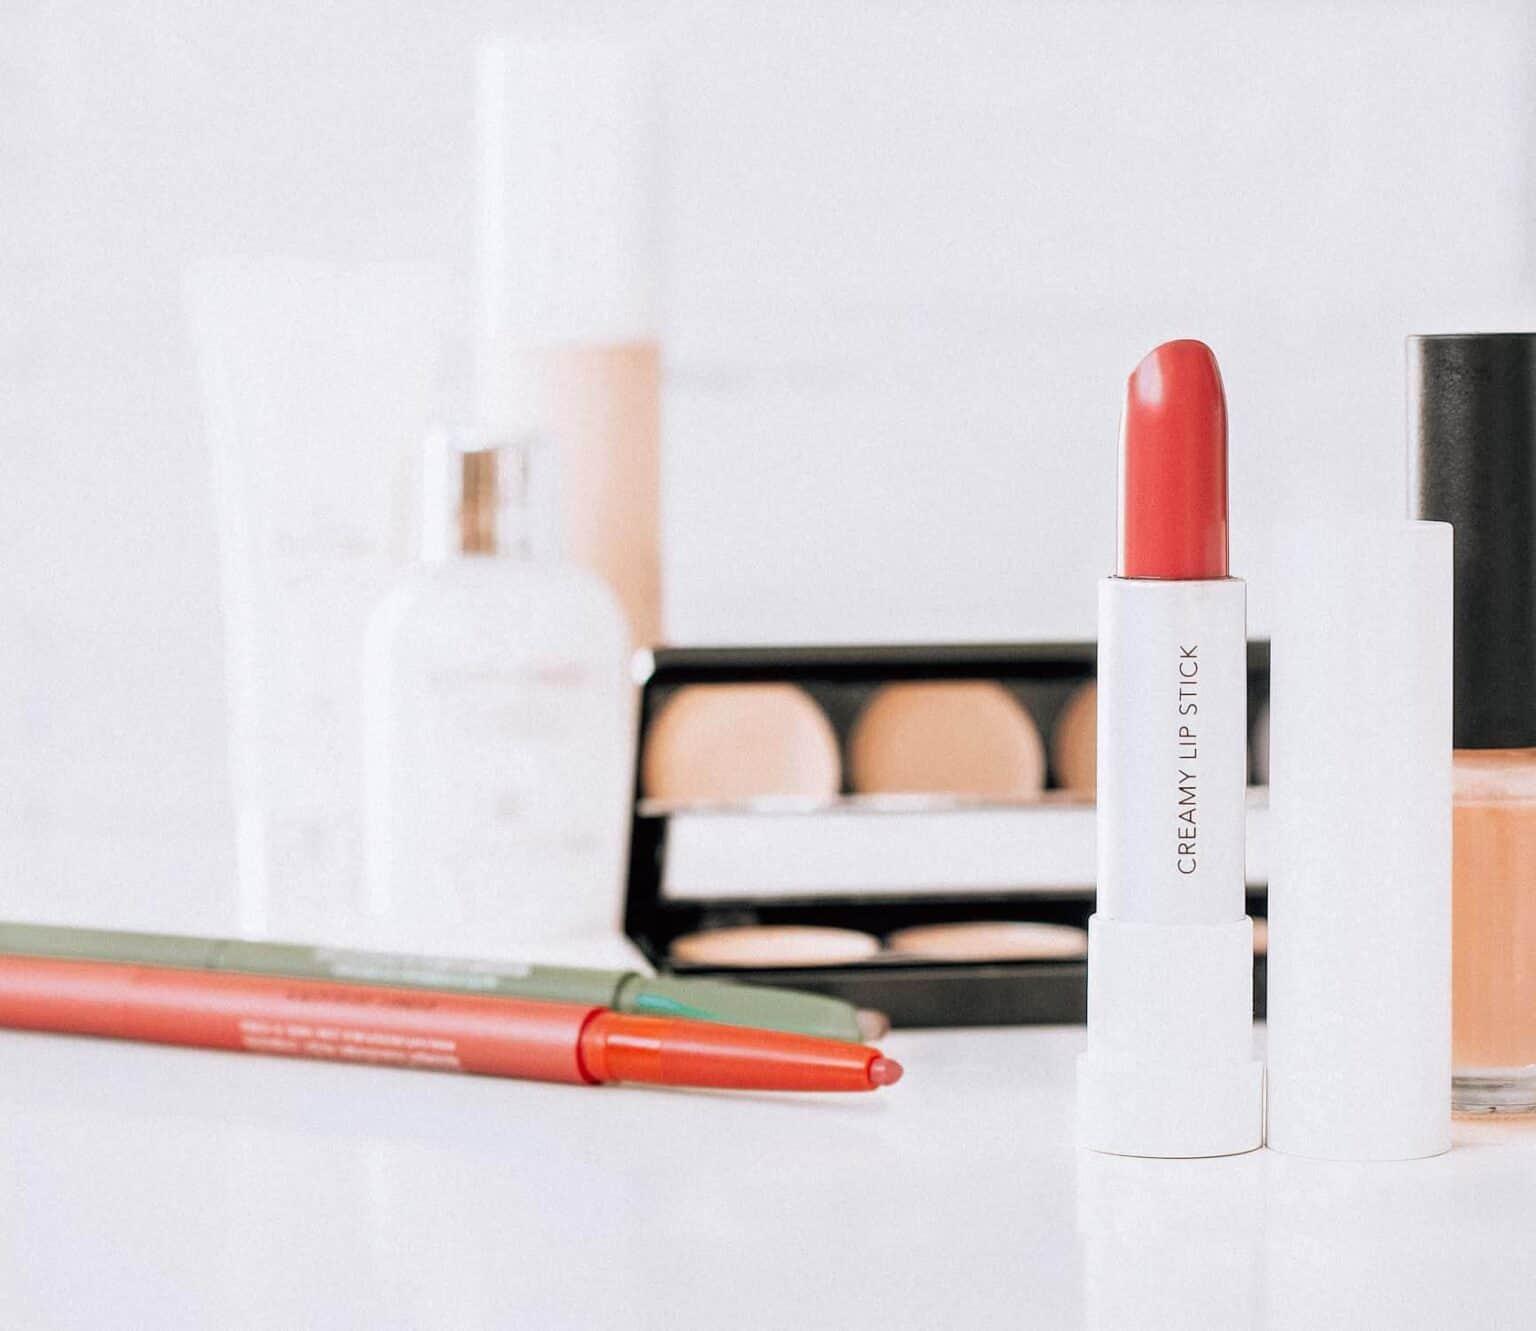 Vegan makeup brands